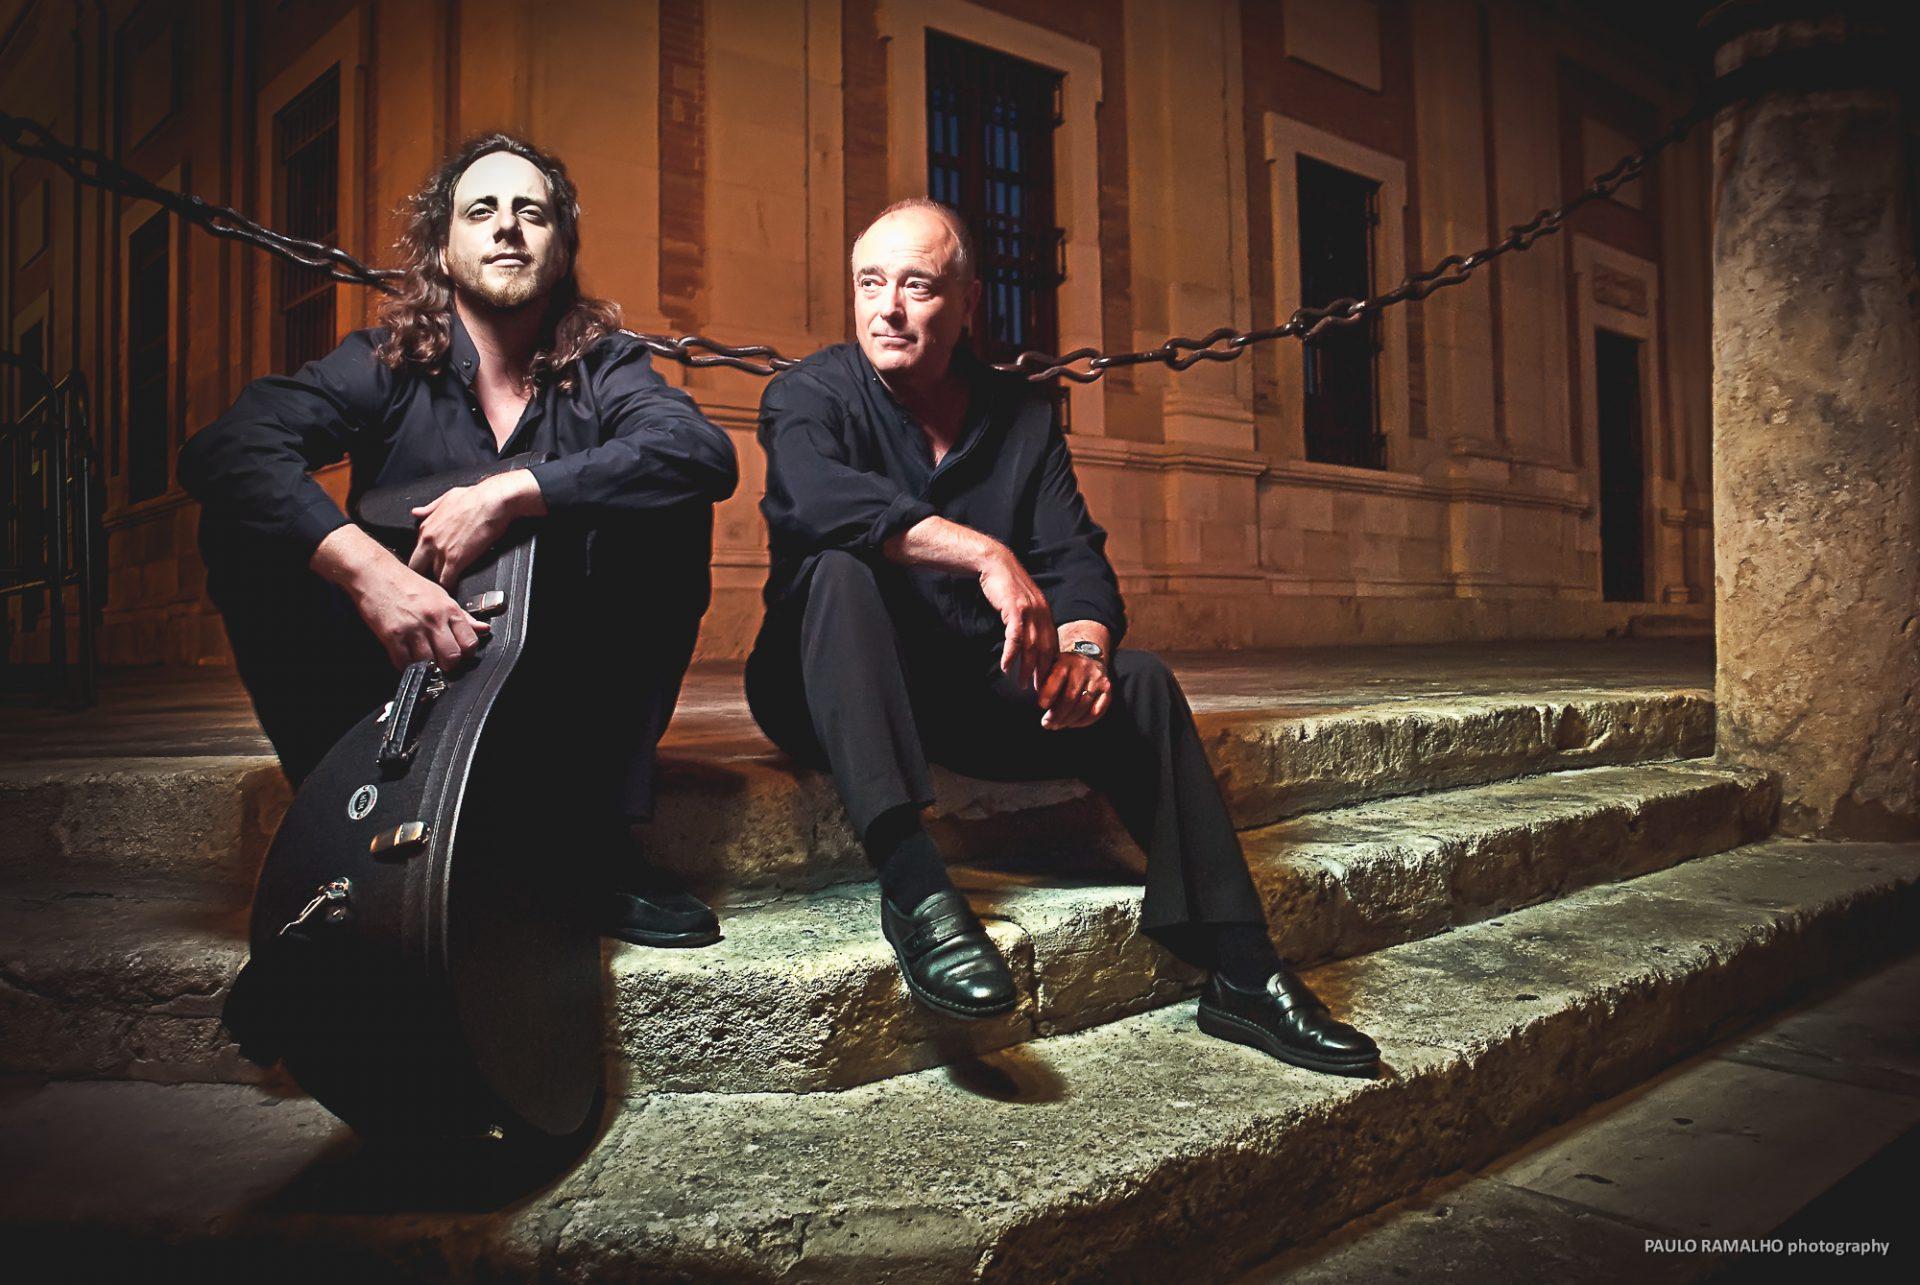 Fotografía de musicos en Sevilla